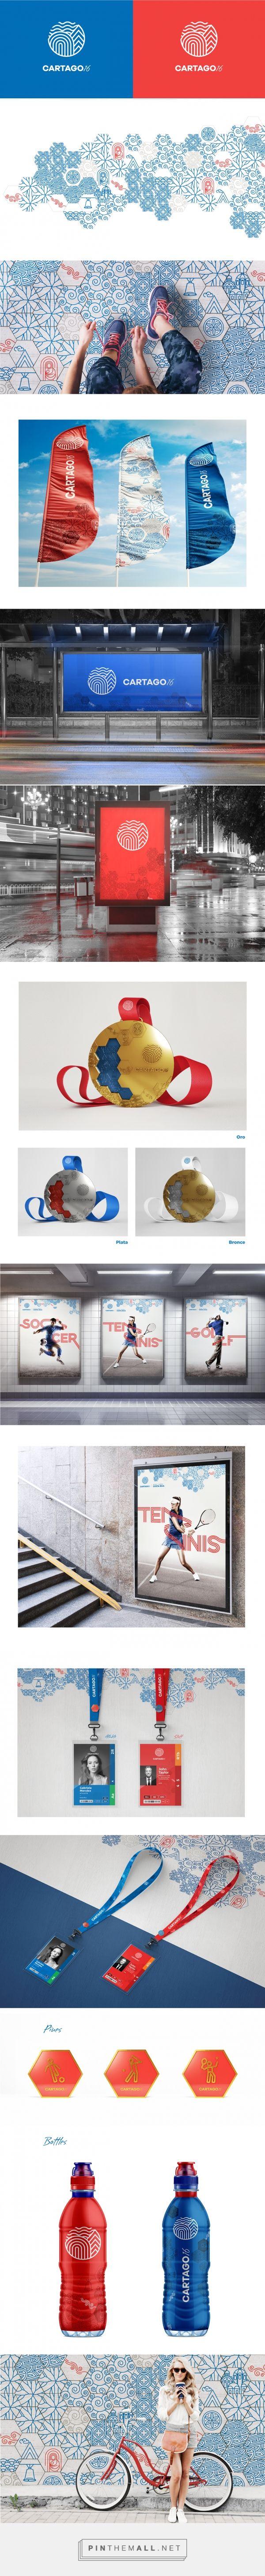 Cartago Sport Games Branding Concept | Abduzeedo